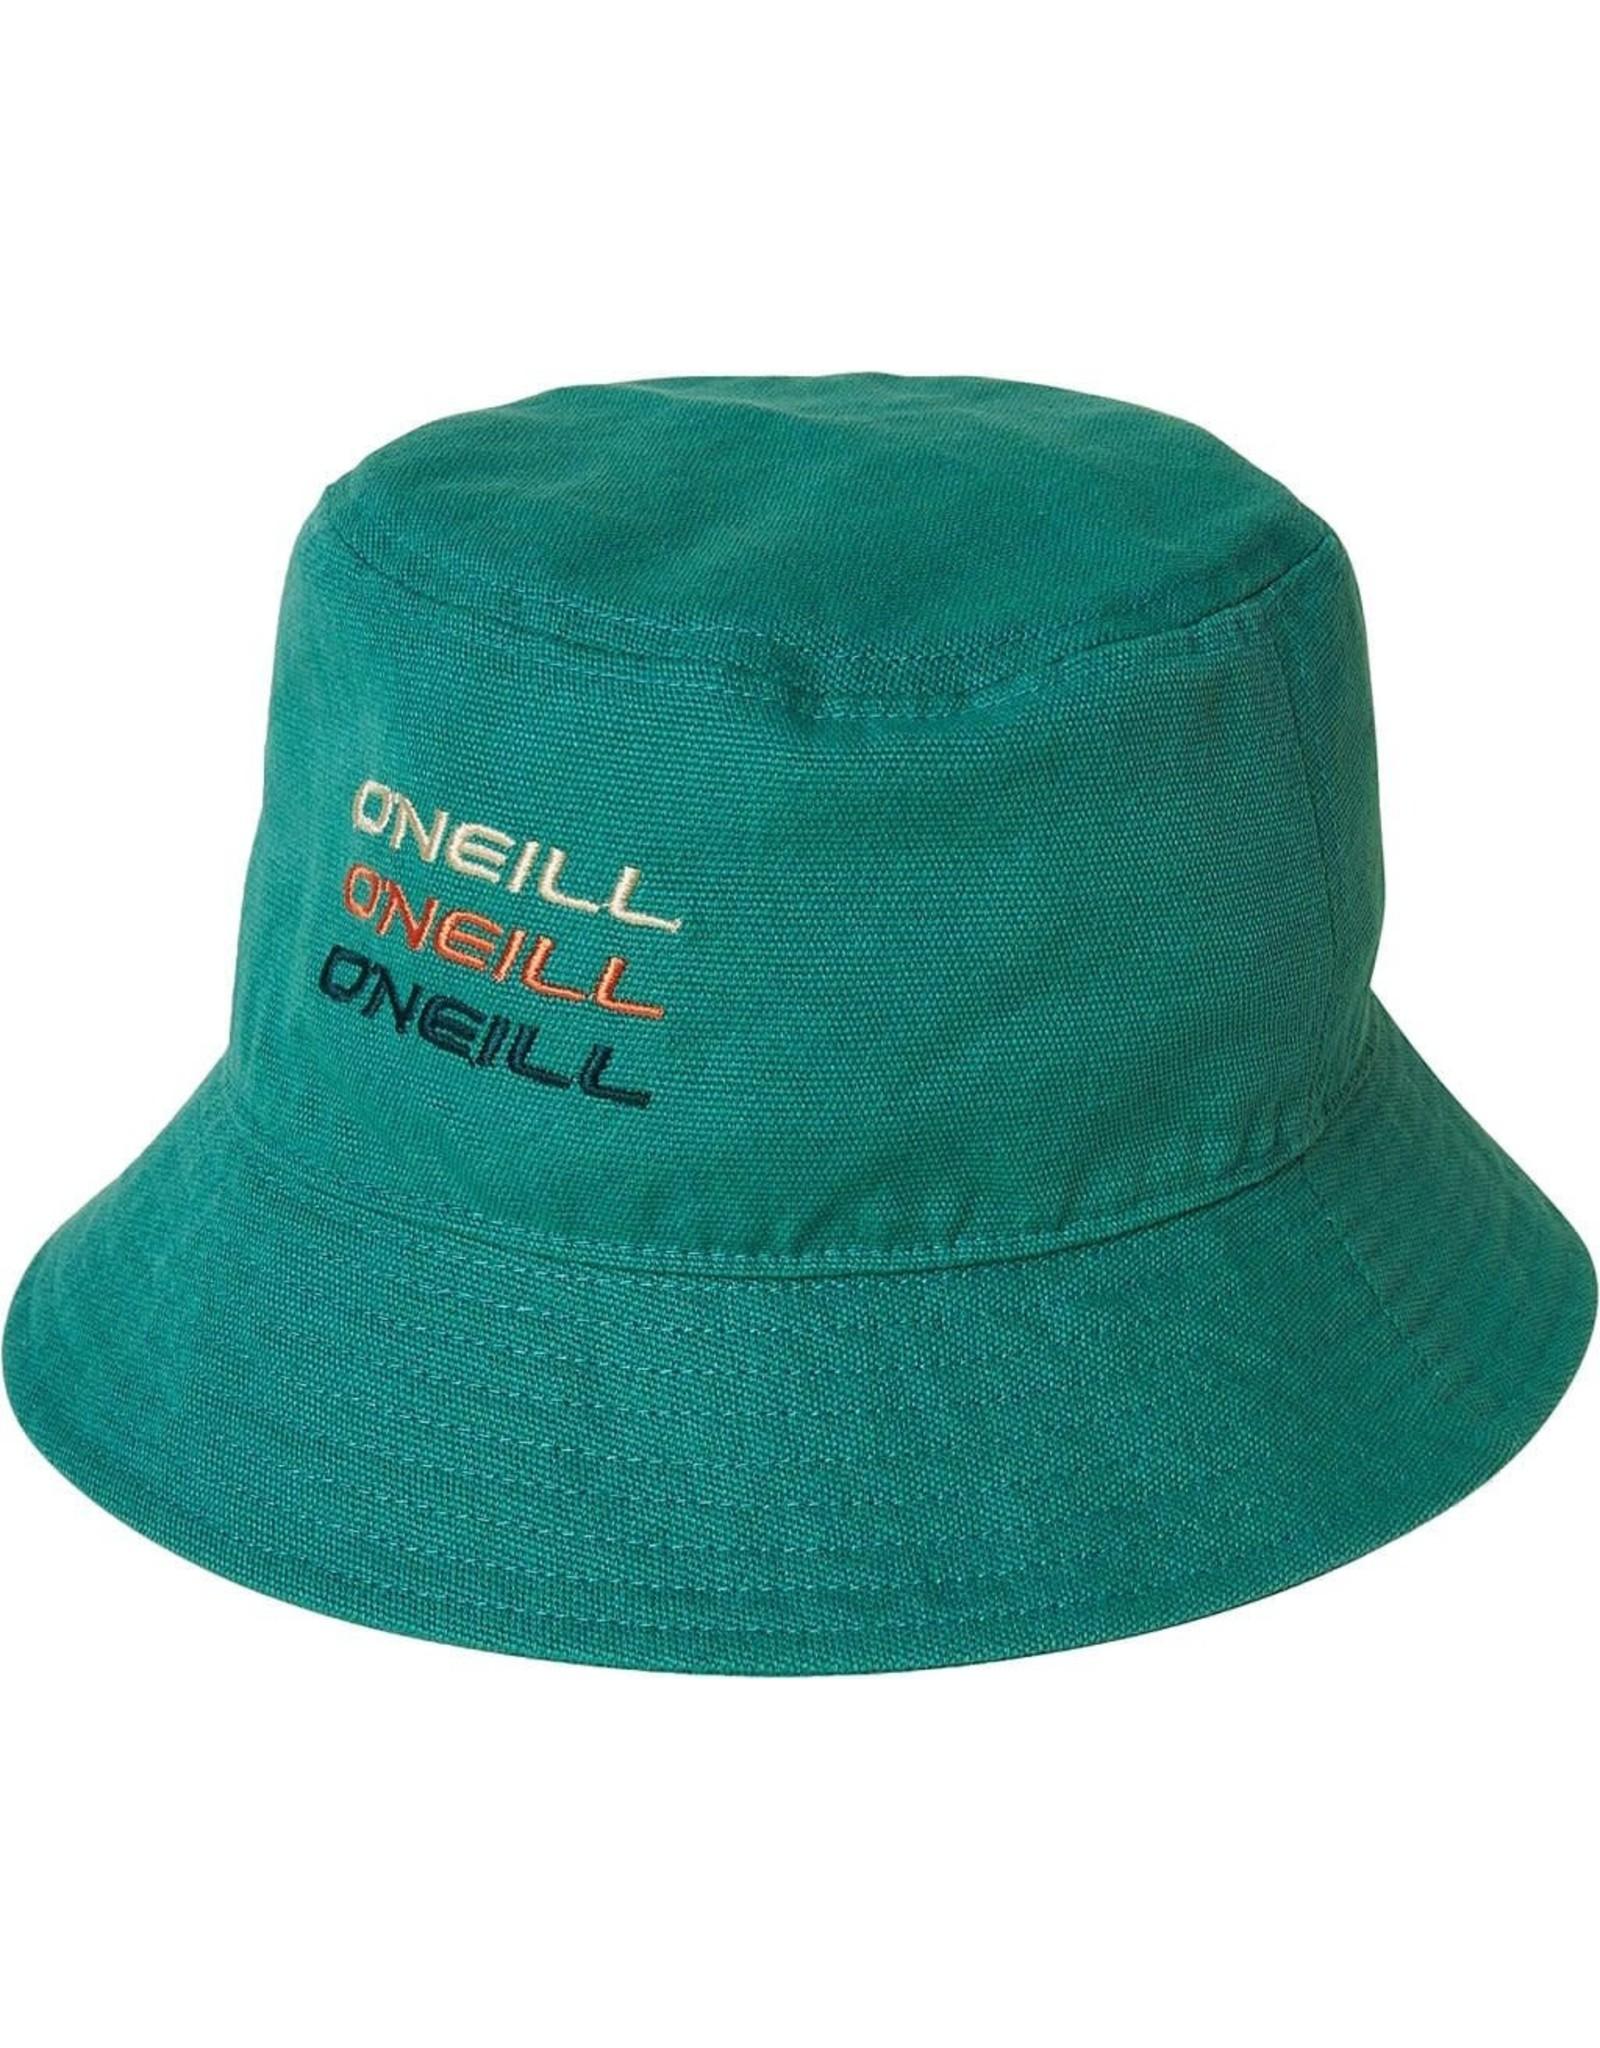 O'NEILL Piper Bucket Hat